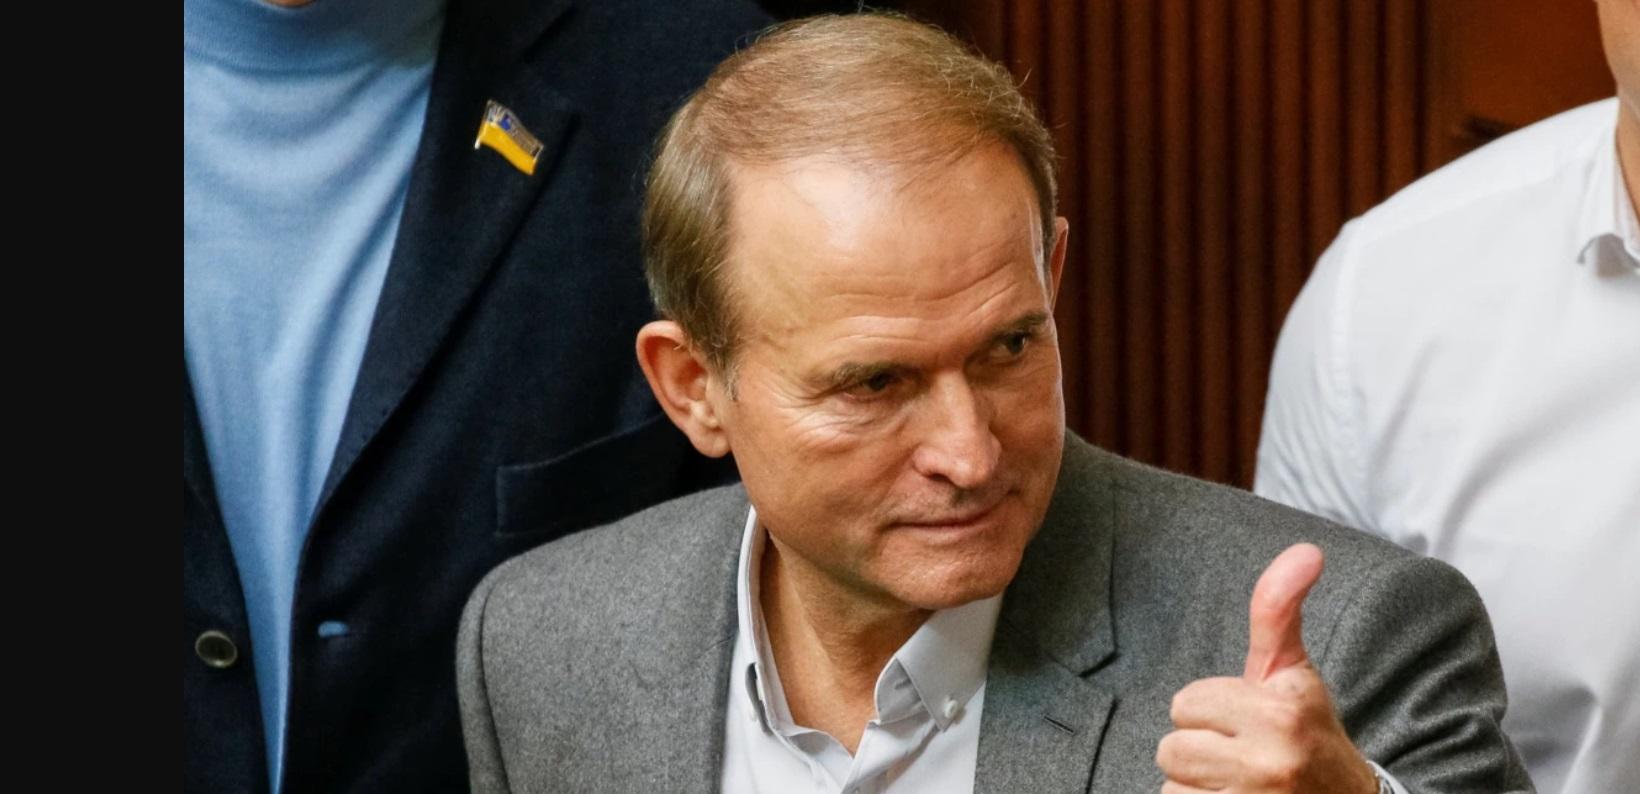 Компании, связанные с Медведчуком, закупали антрацит у «ЛДНР», — Bihus.Info